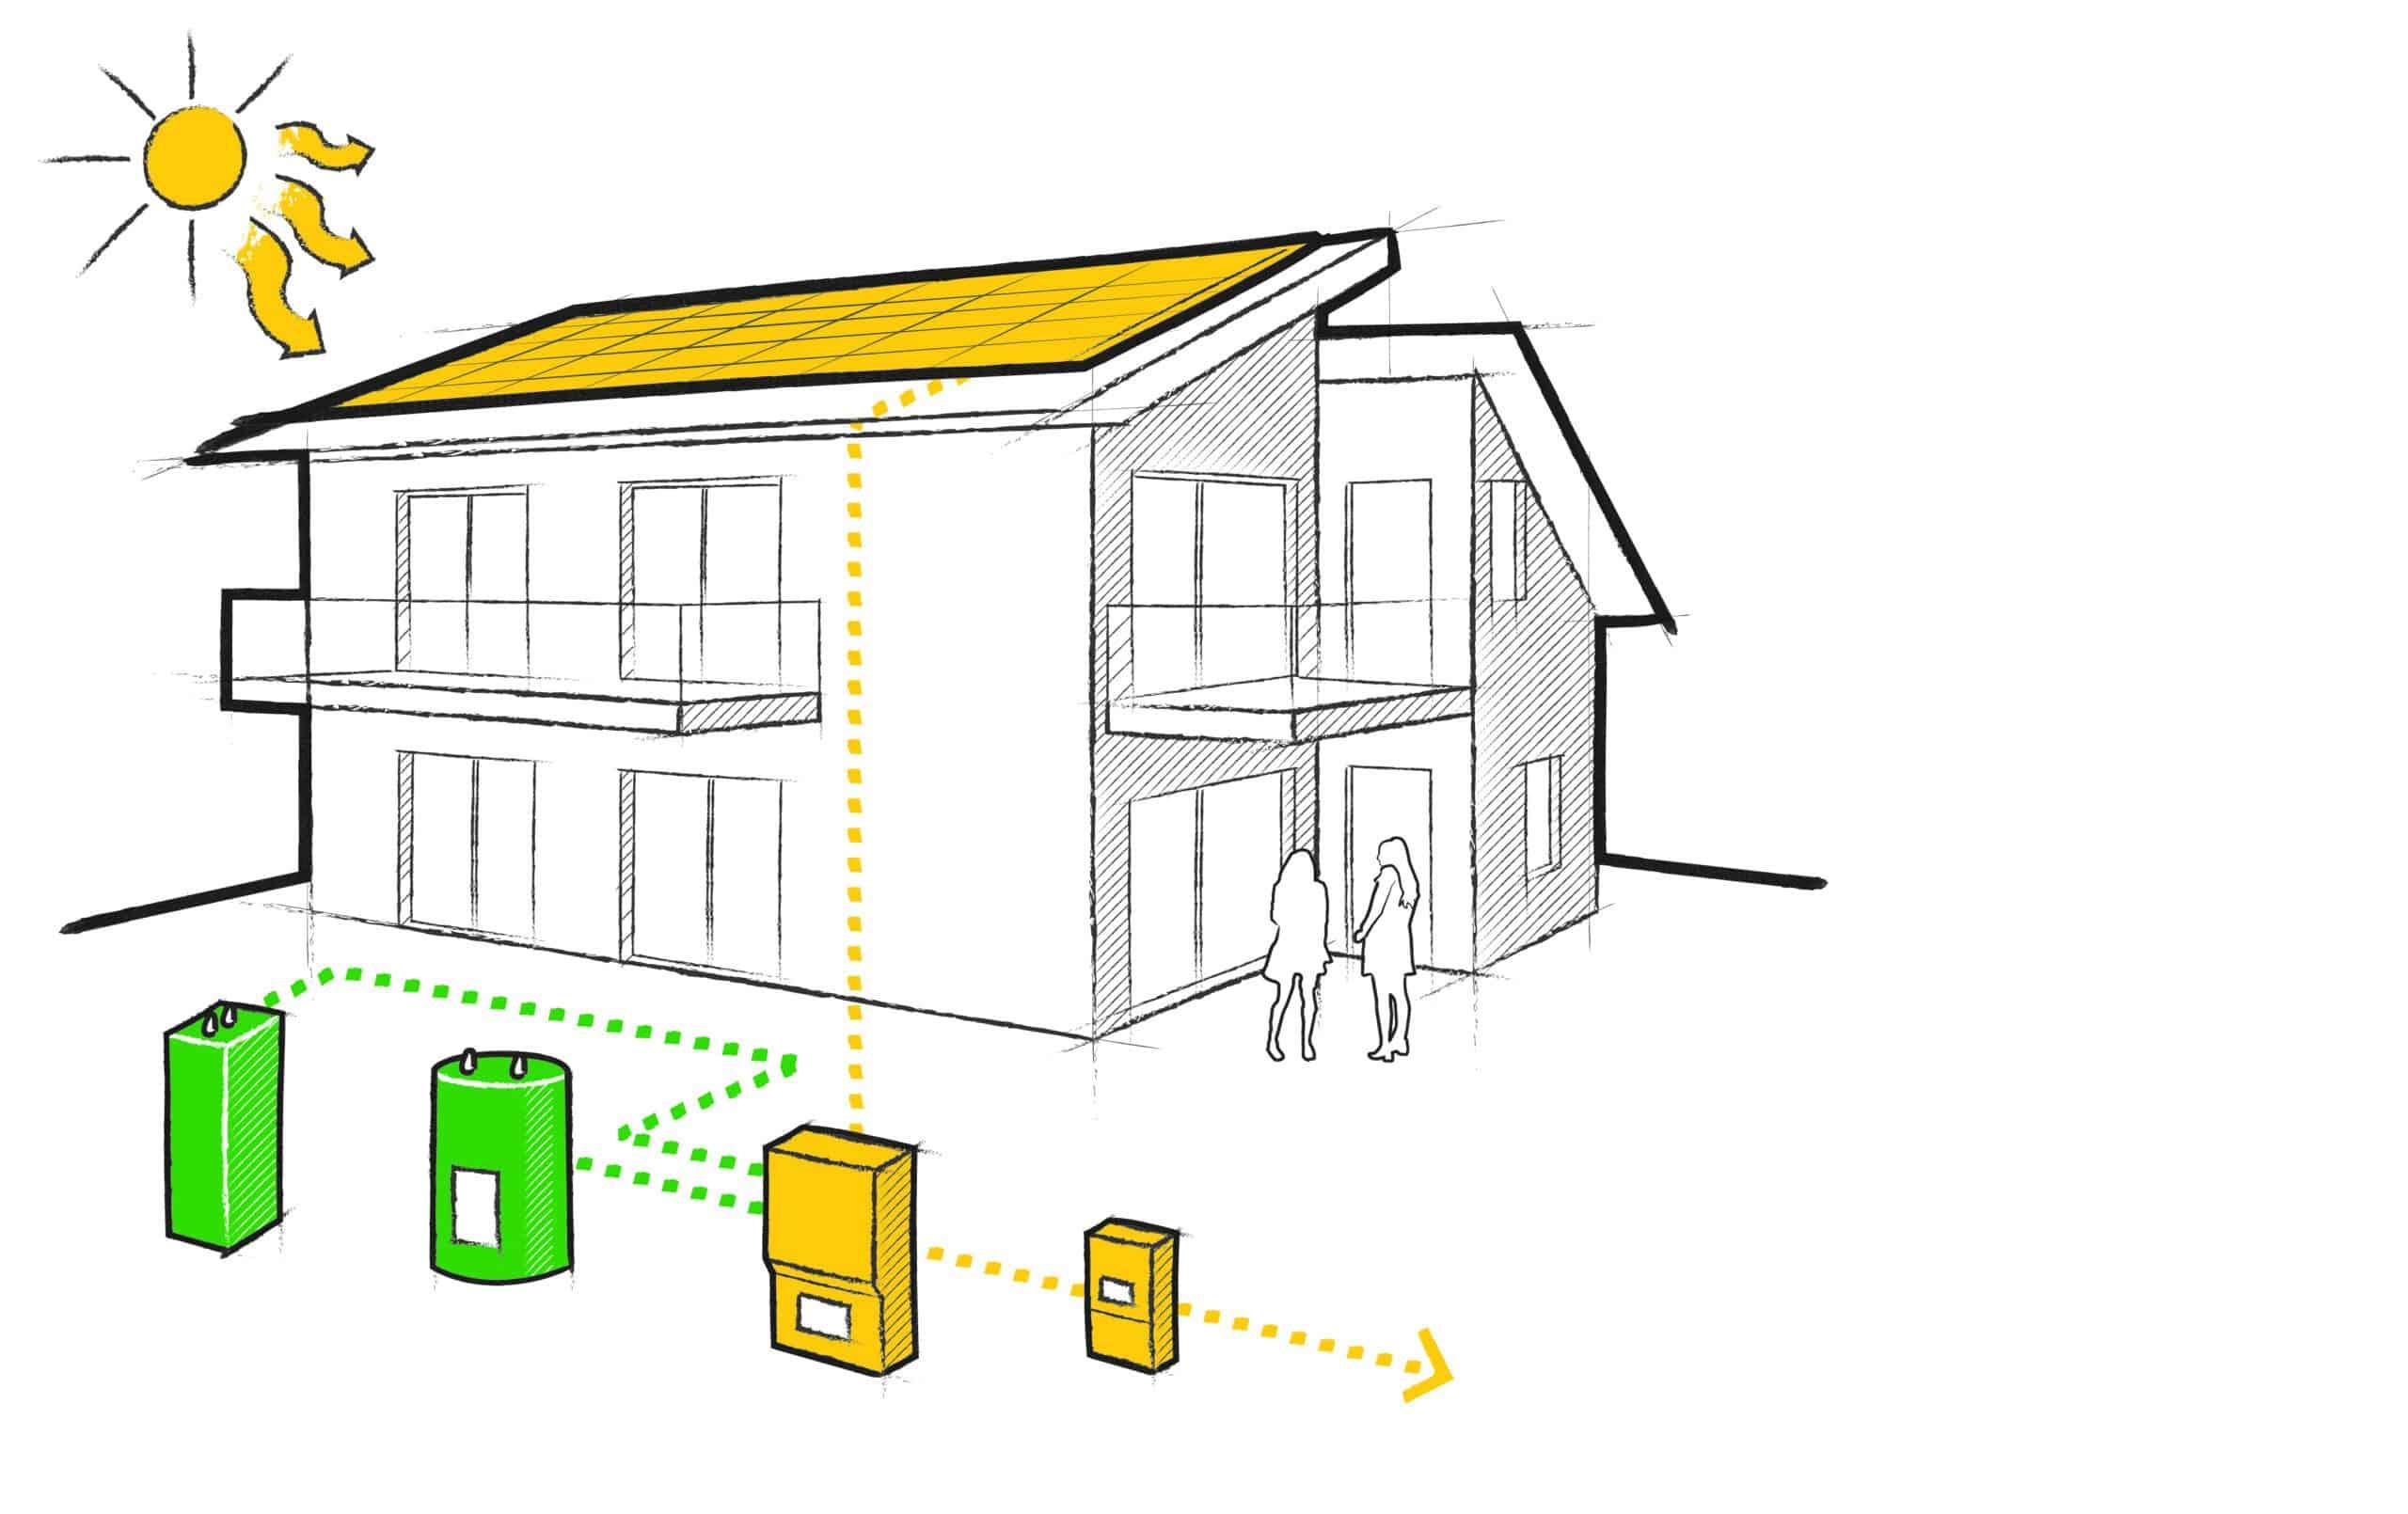 Consumo eléctrico en casa ecológica